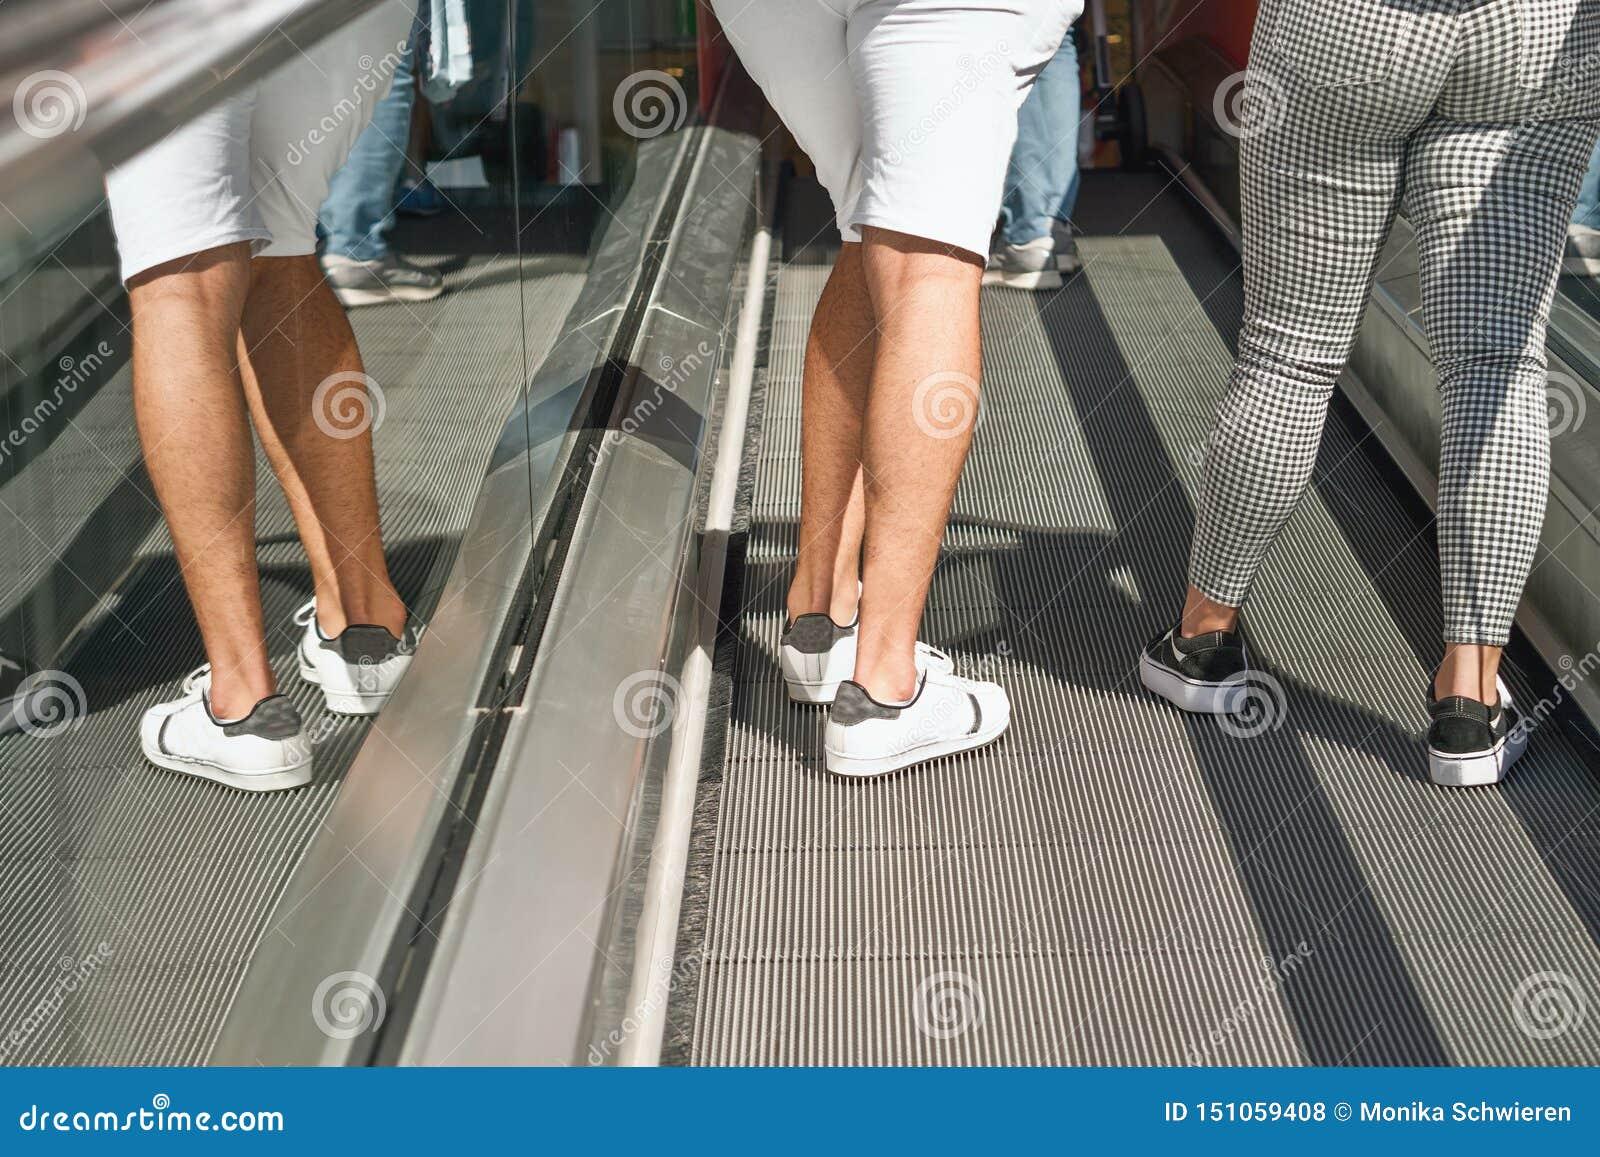 Zwei Personen fahren herauf eine Rolltreppe, nur die Beine sichtbar sind, die linke Person wird widergespiegelt im Glasdeckel